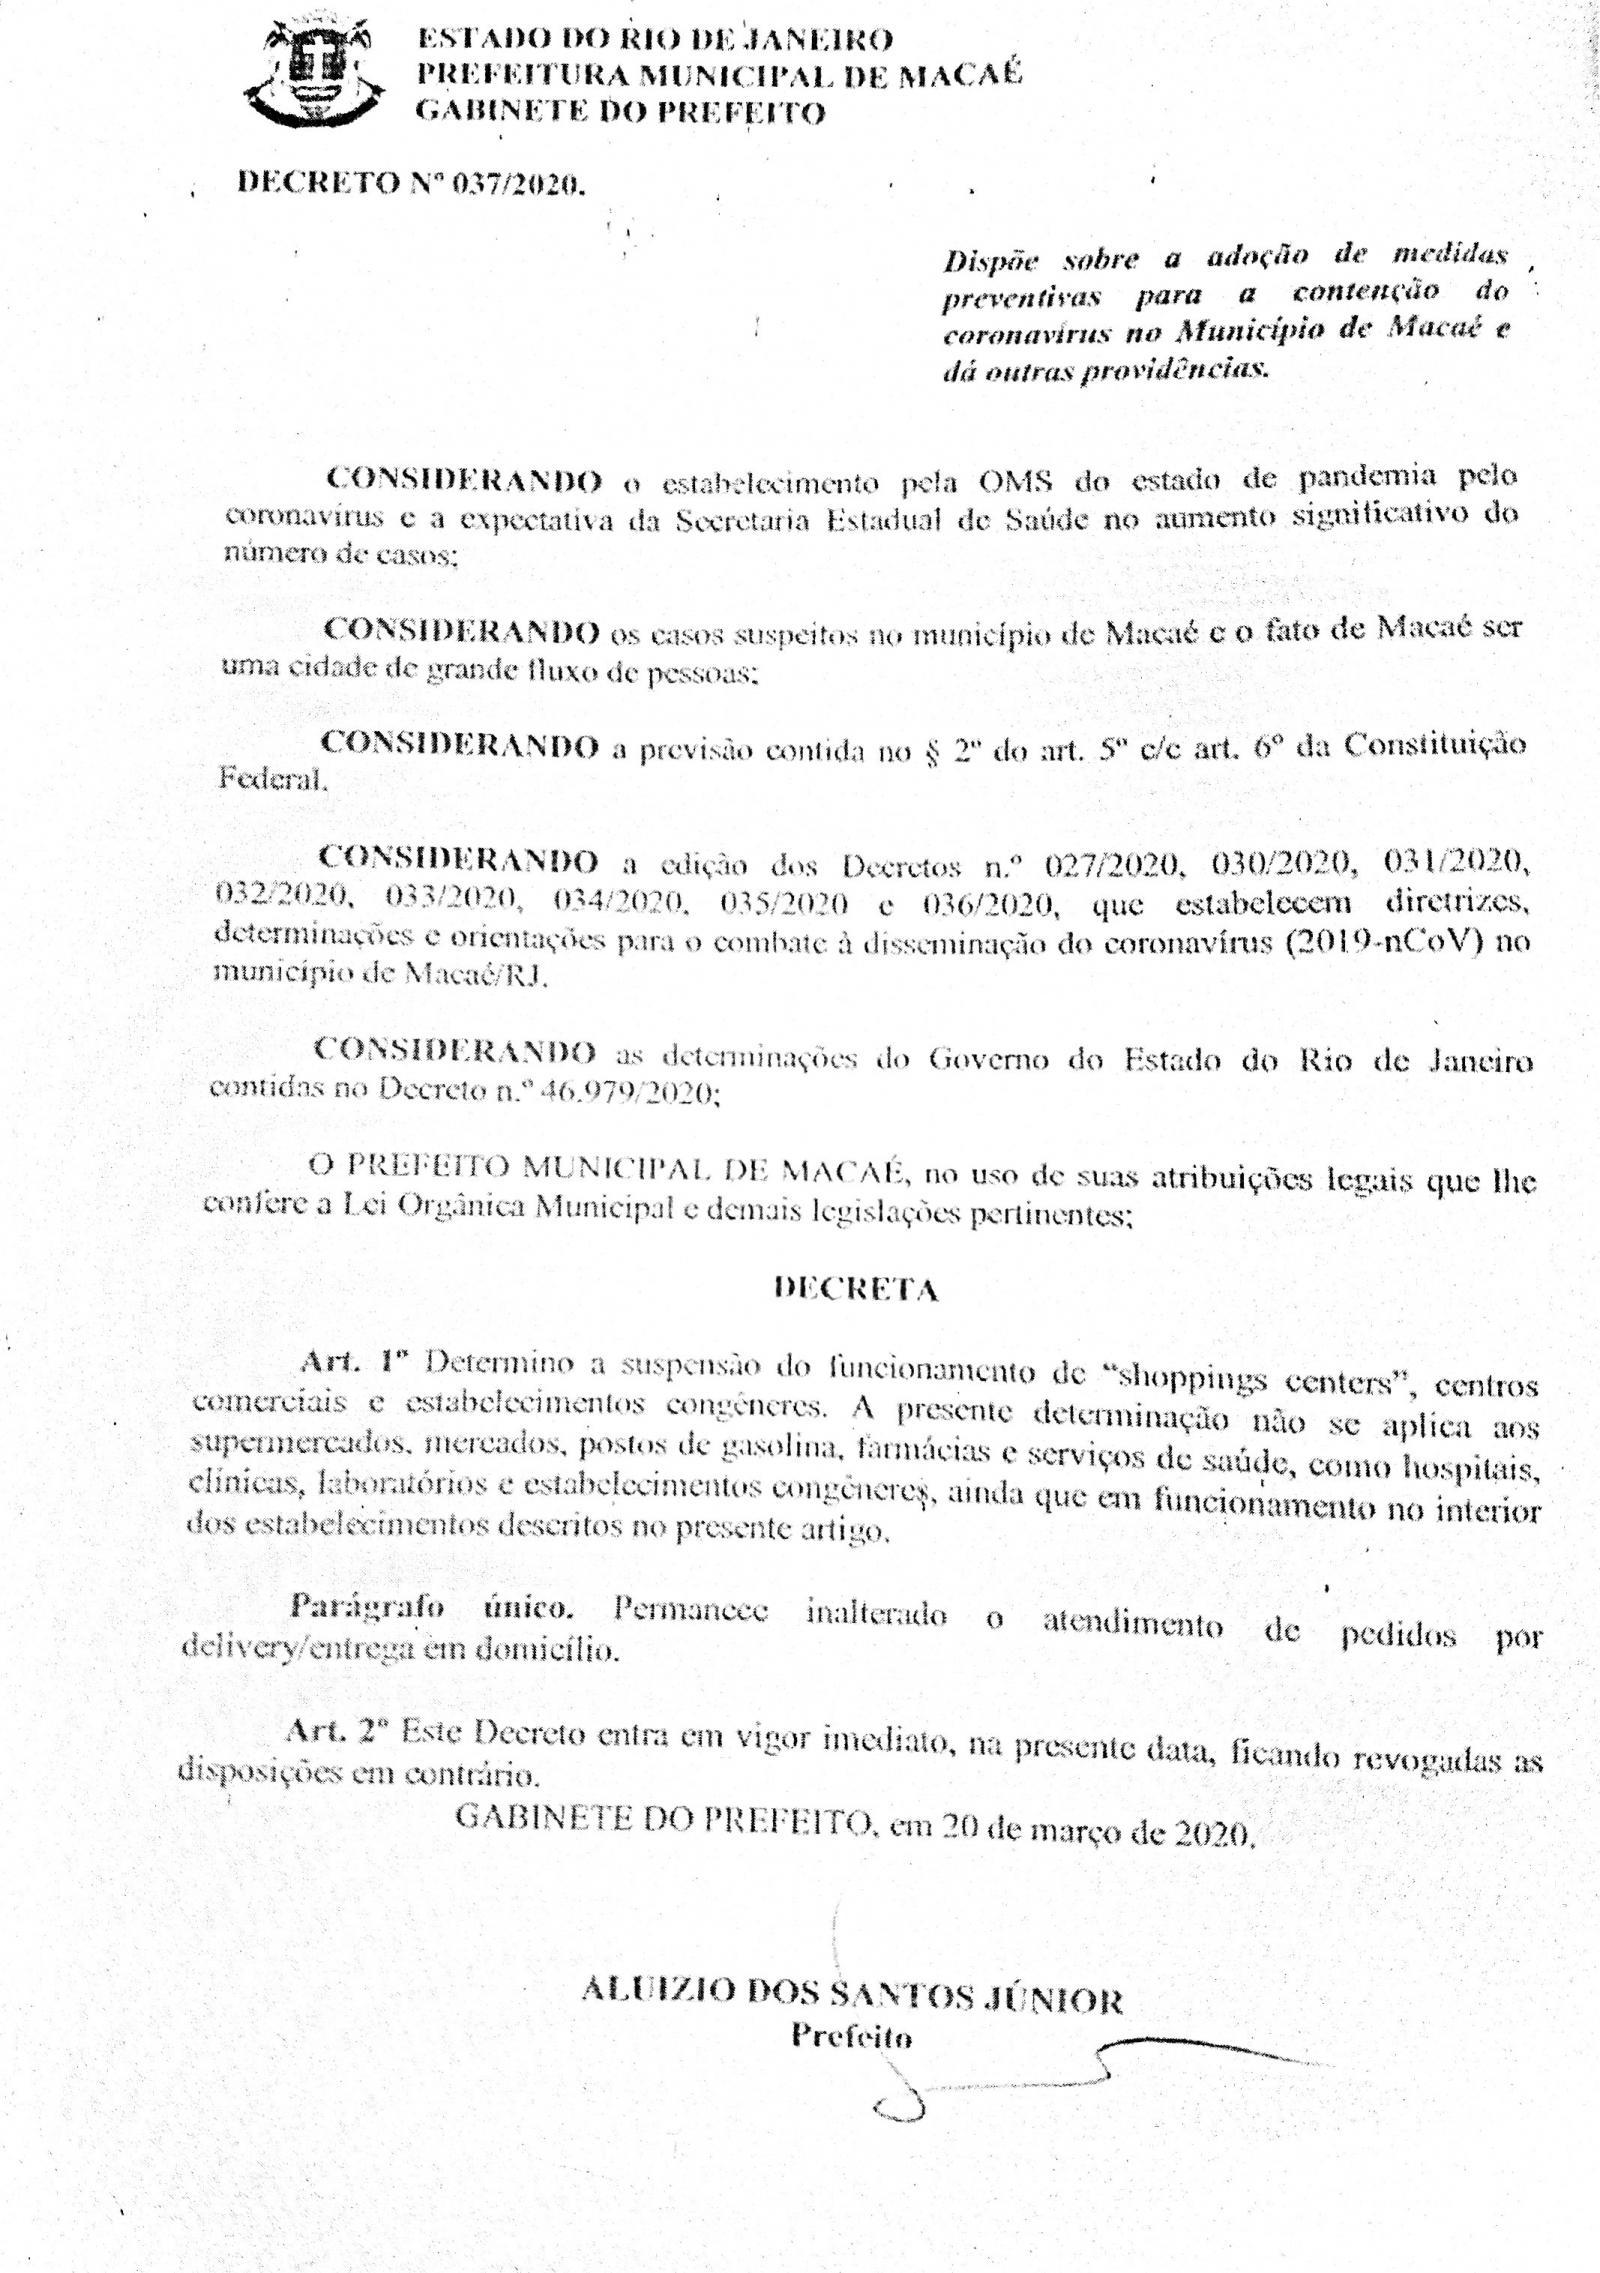 Decreto 037/2020